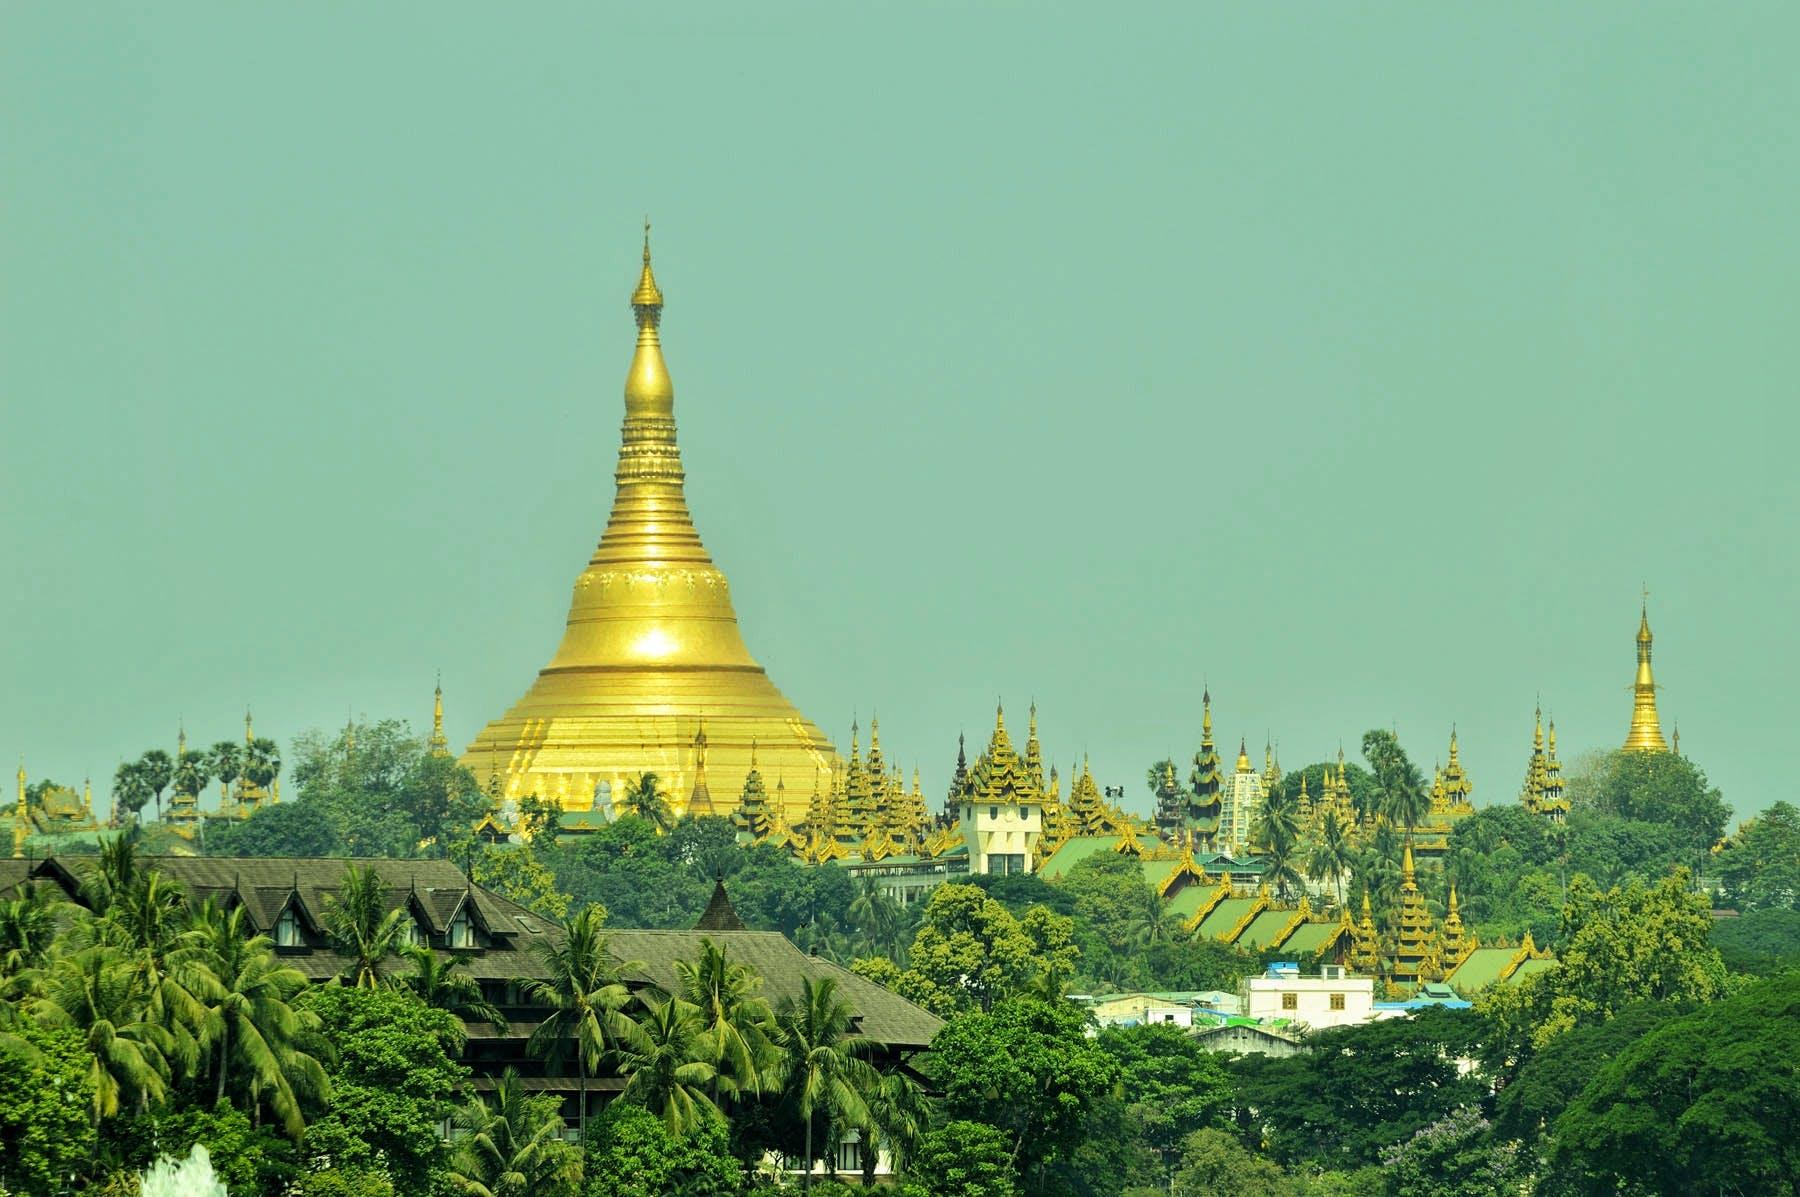 Free stock photo of myanmar, shwedagon pagoda, yangon